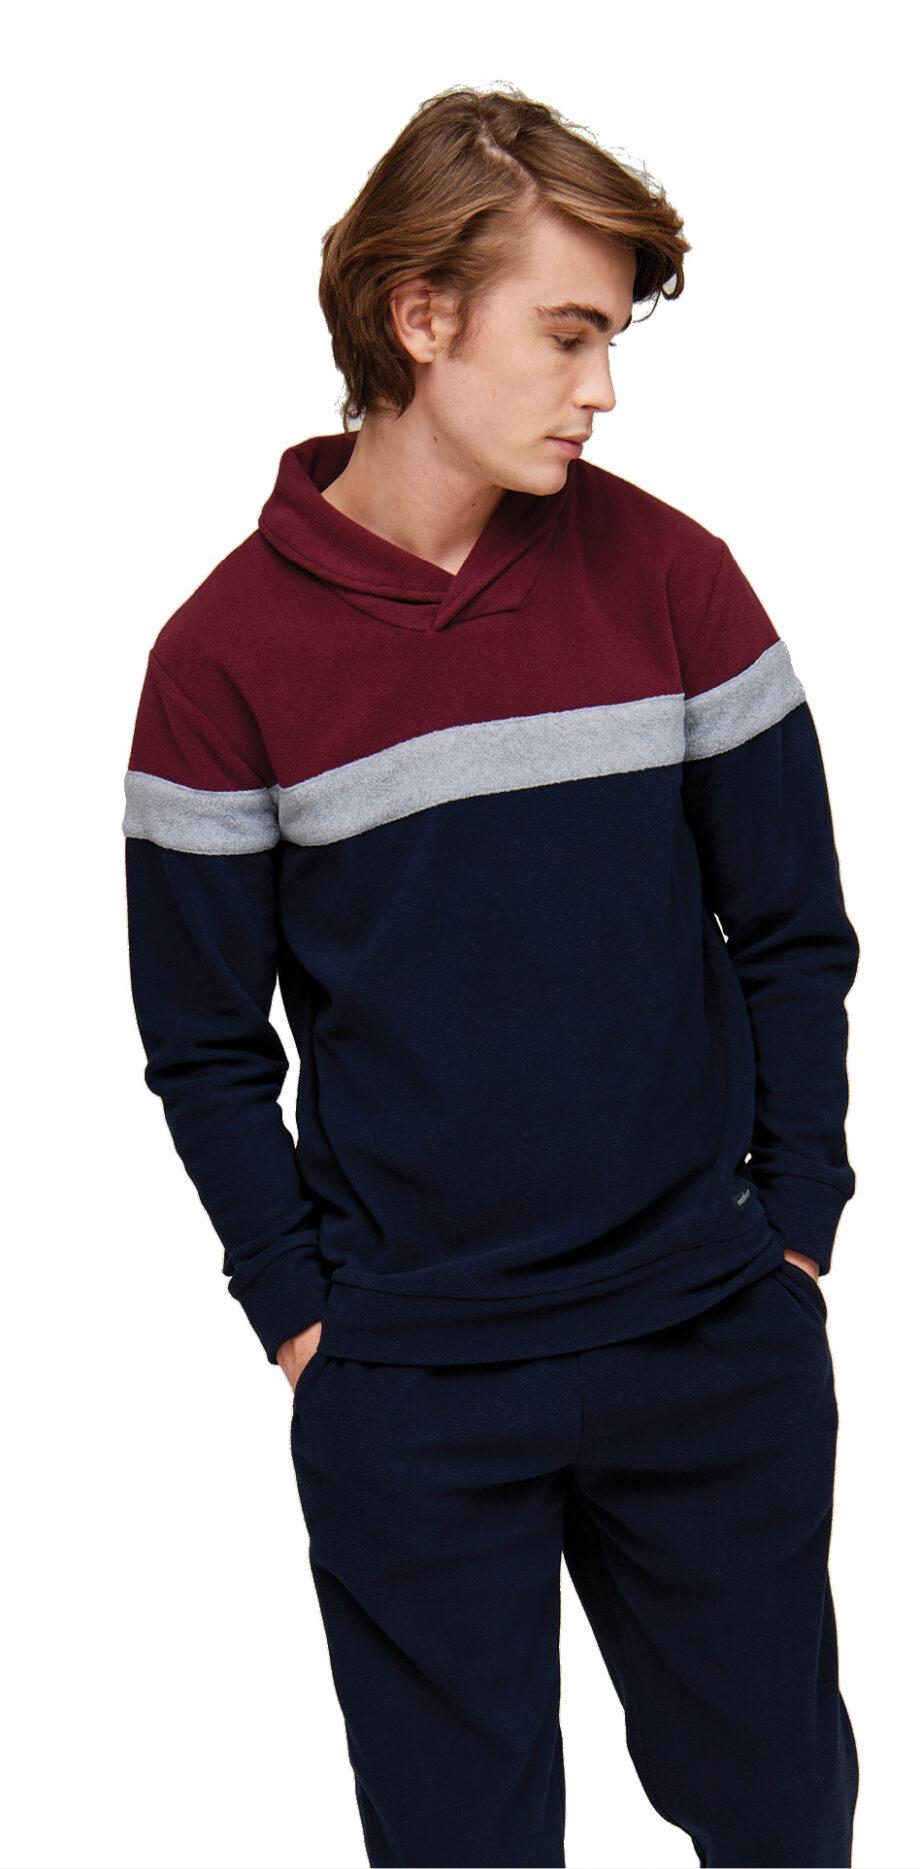 FC2081-man-noidinotte-pijama-fleece.jpg